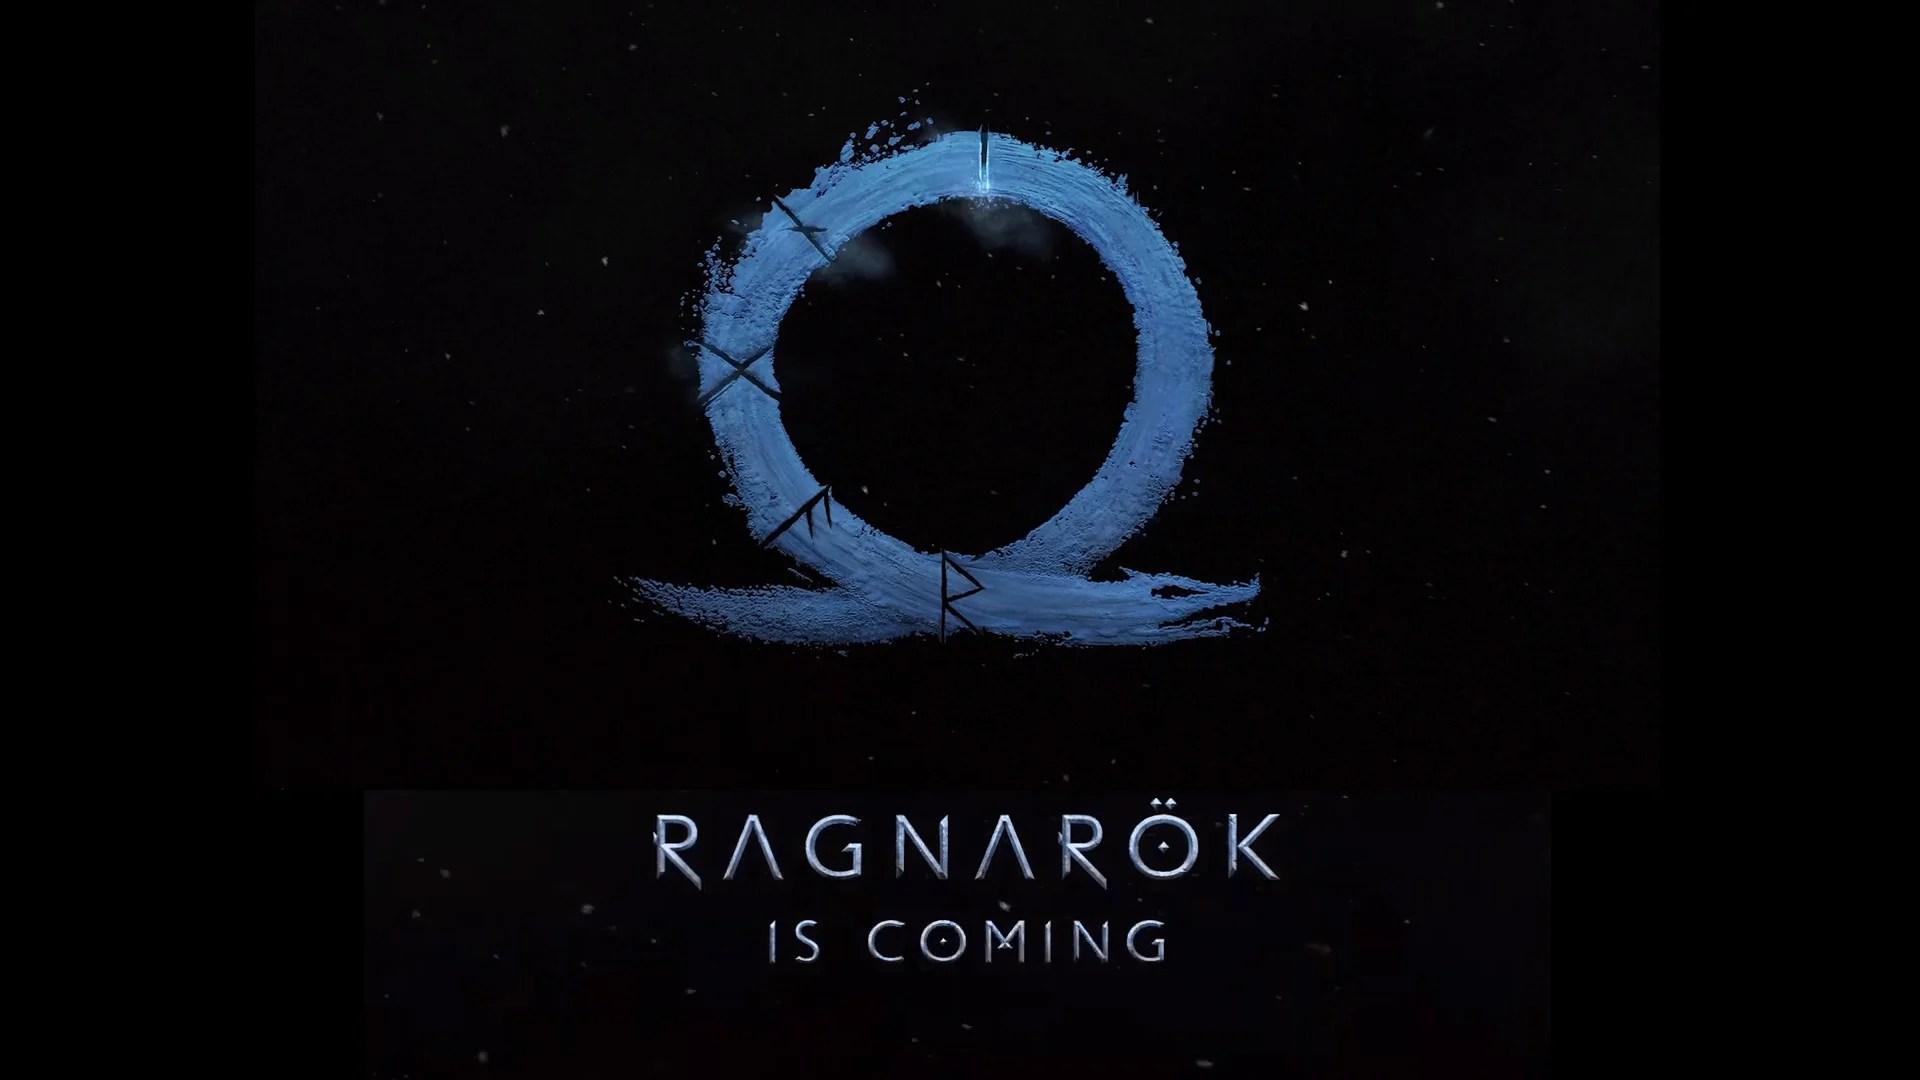 ragnarok is coming